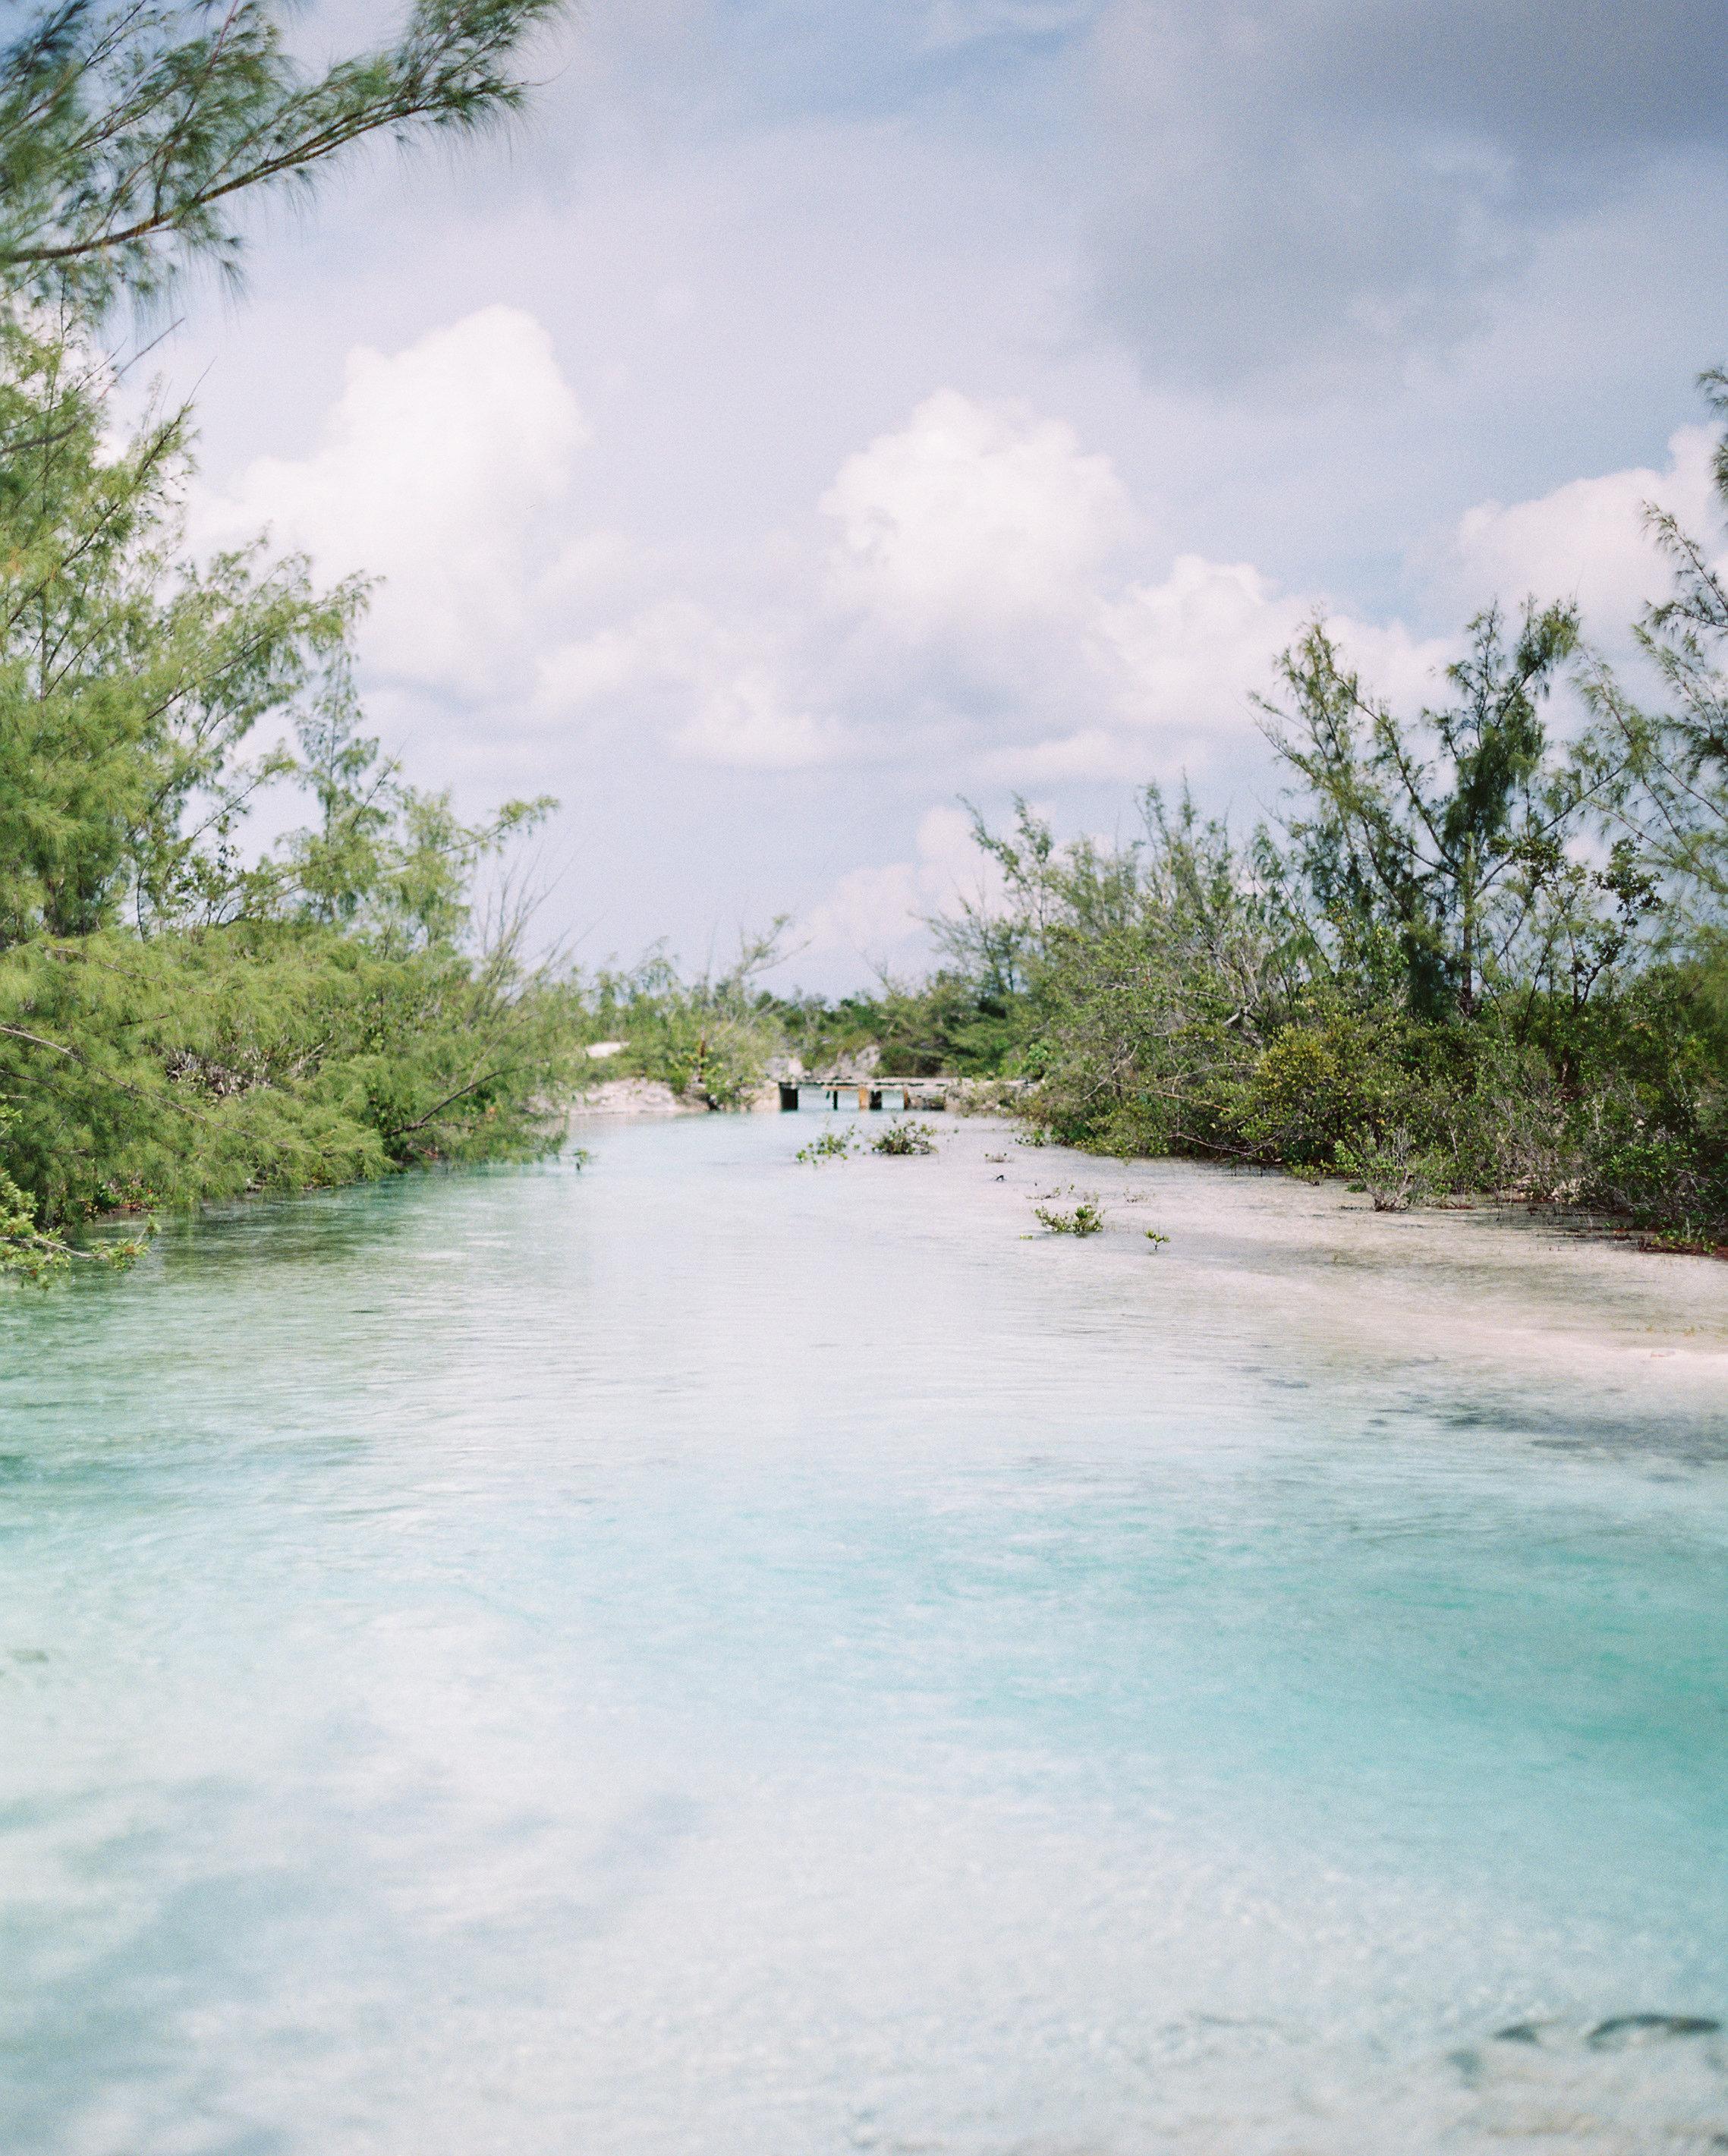 bahama-honeymoon-0037-canal-0615.jpg